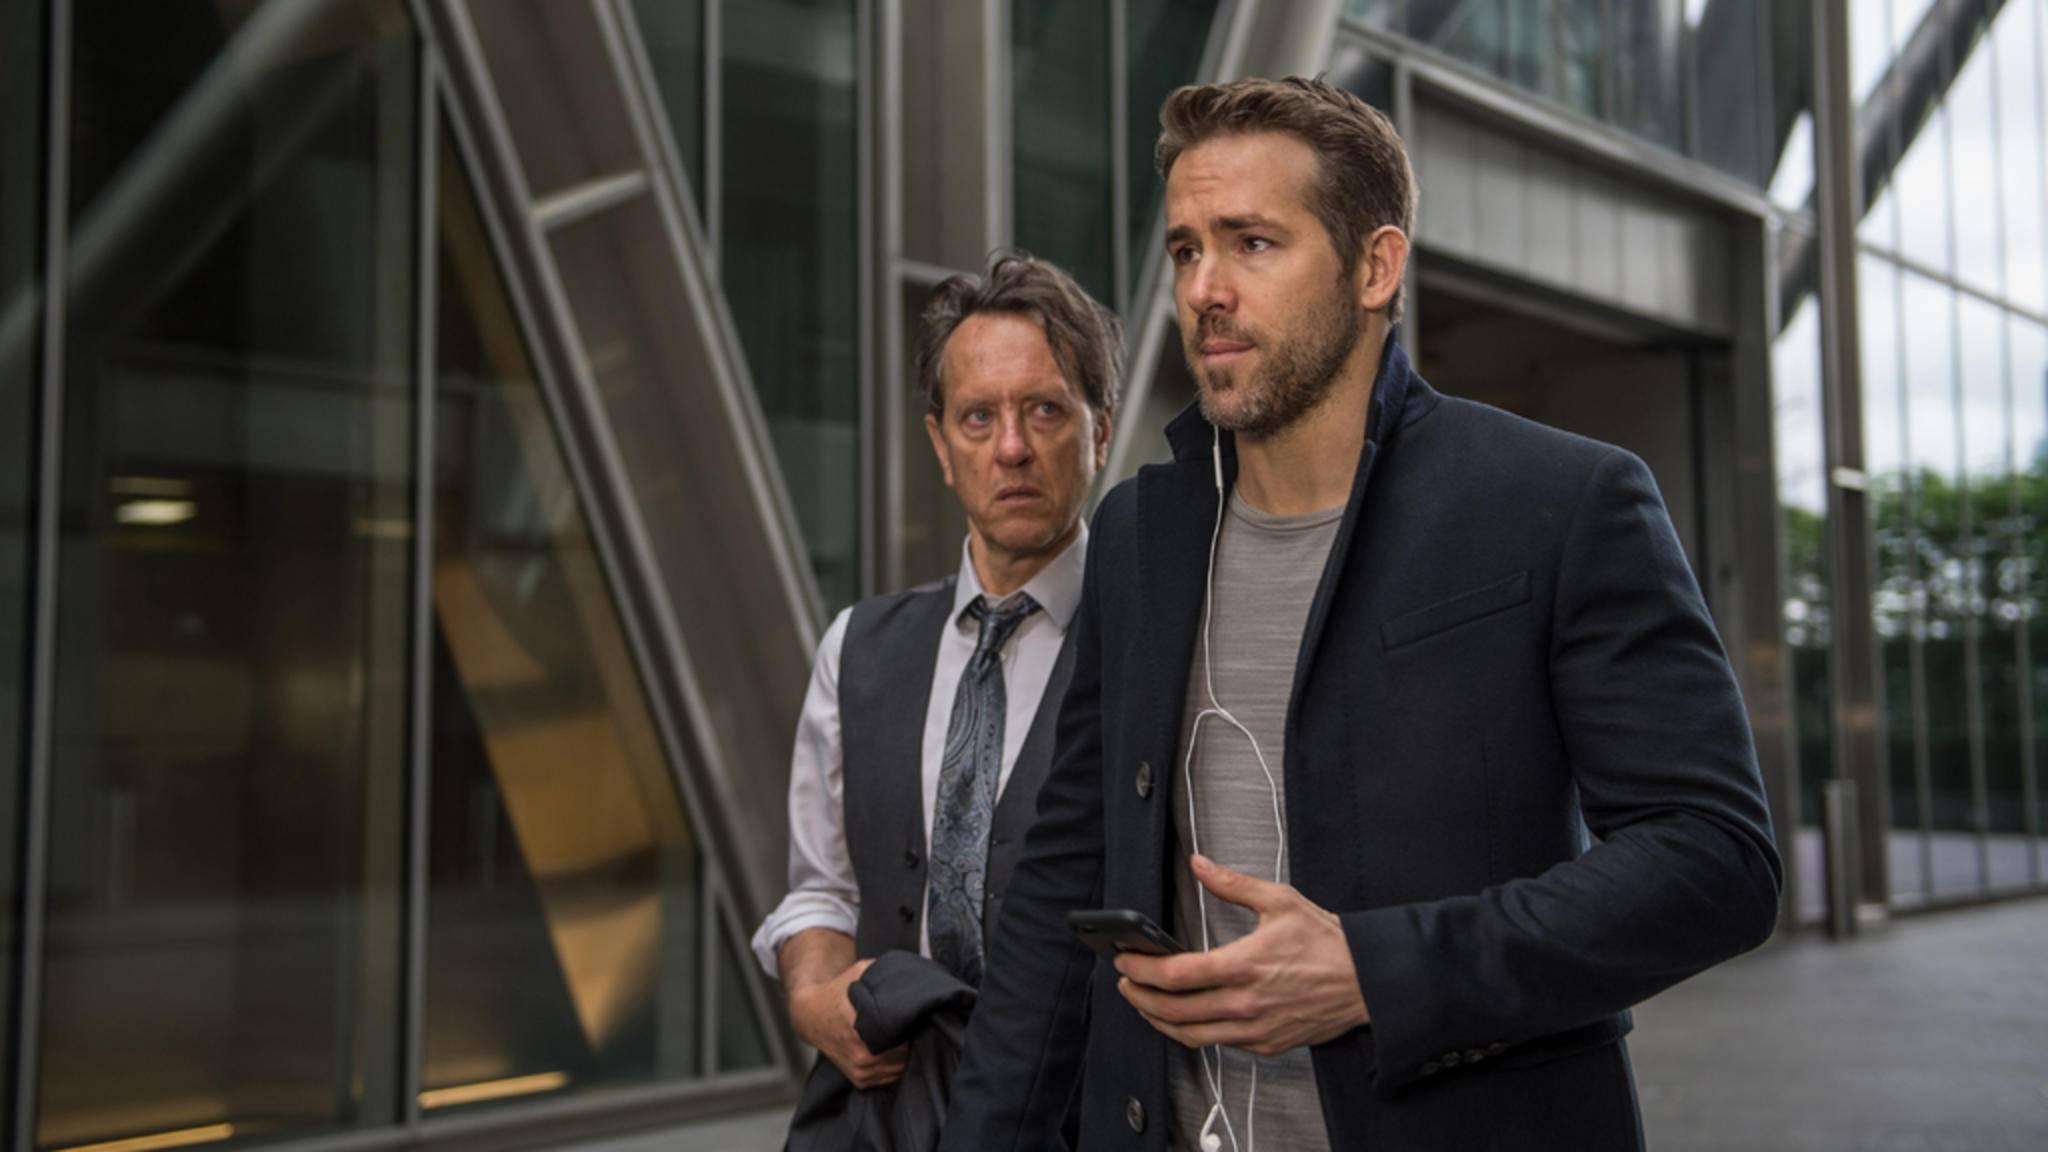 """Sehen wir bald doppelt? Ryan Reynolds (hier rechts im Bild in """"Hitman's Bodyguard"""") könnte neben seiner Hauptrolle als Wade Wilson auch noch sich selbst spielen."""